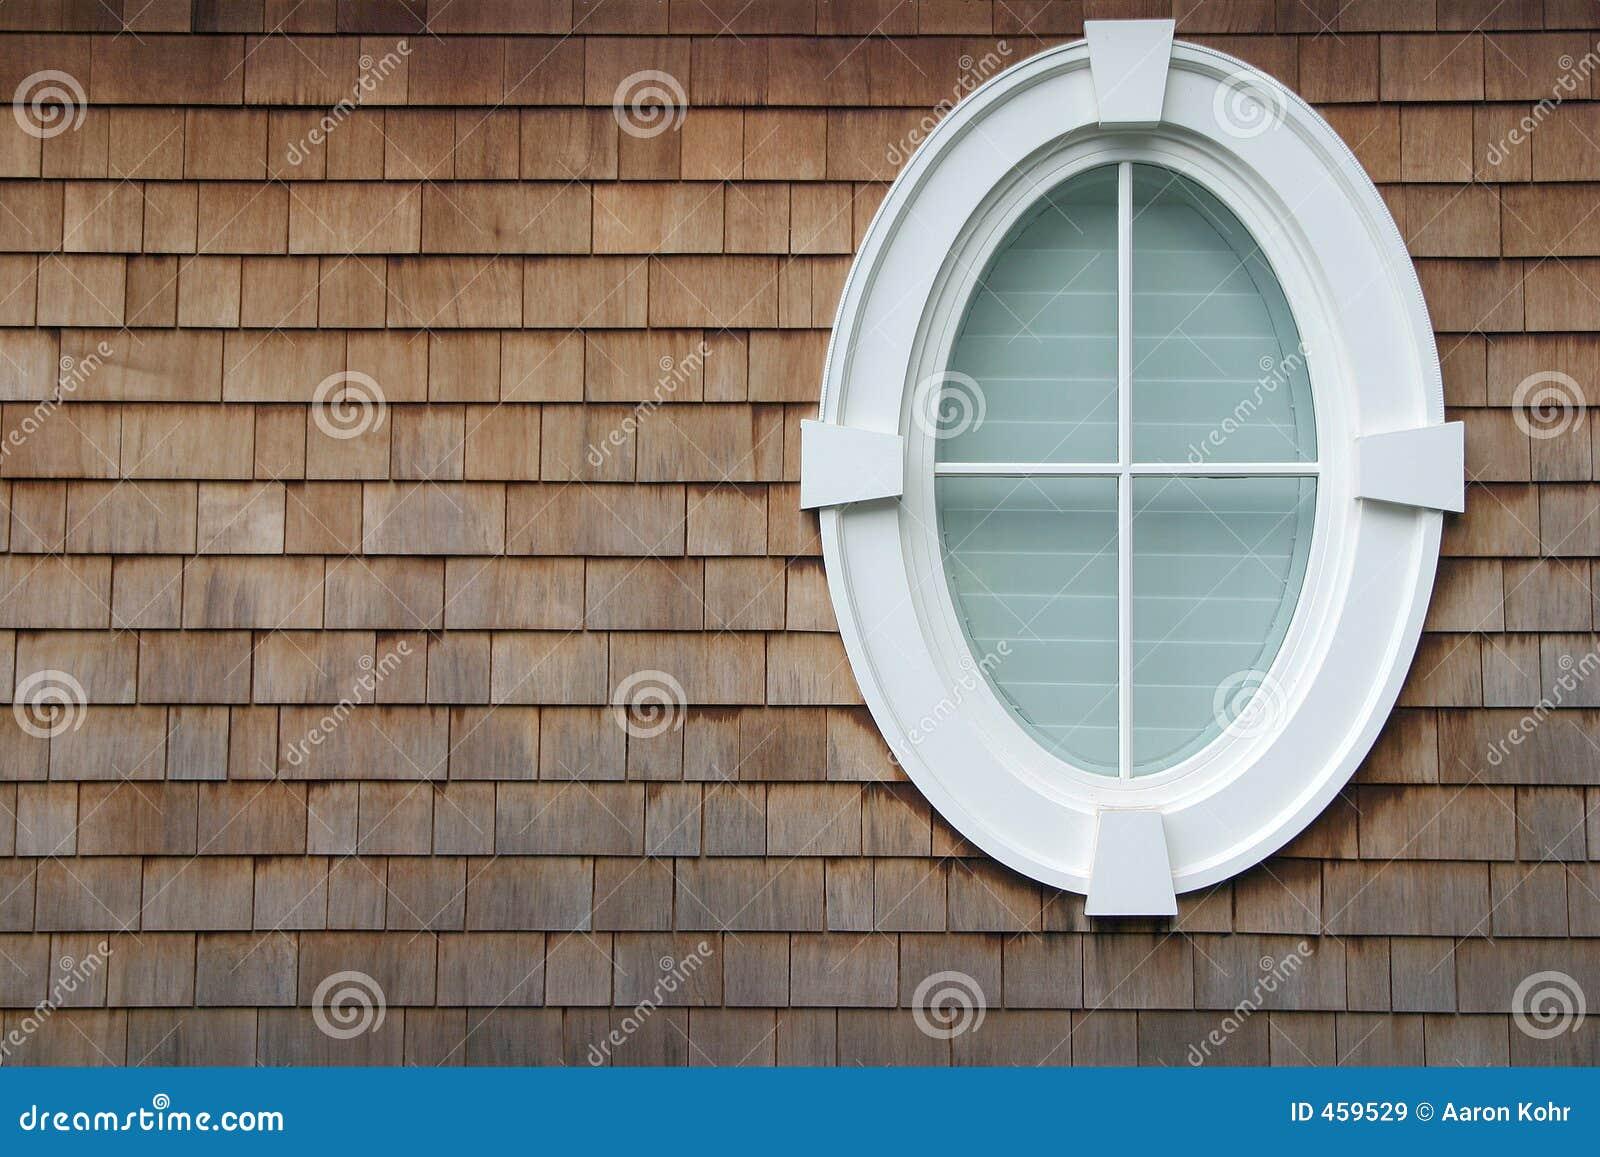 ovales fenster stockbild bild von haupt elliptisch geformt 459529. Black Bedroom Furniture Sets. Home Design Ideas